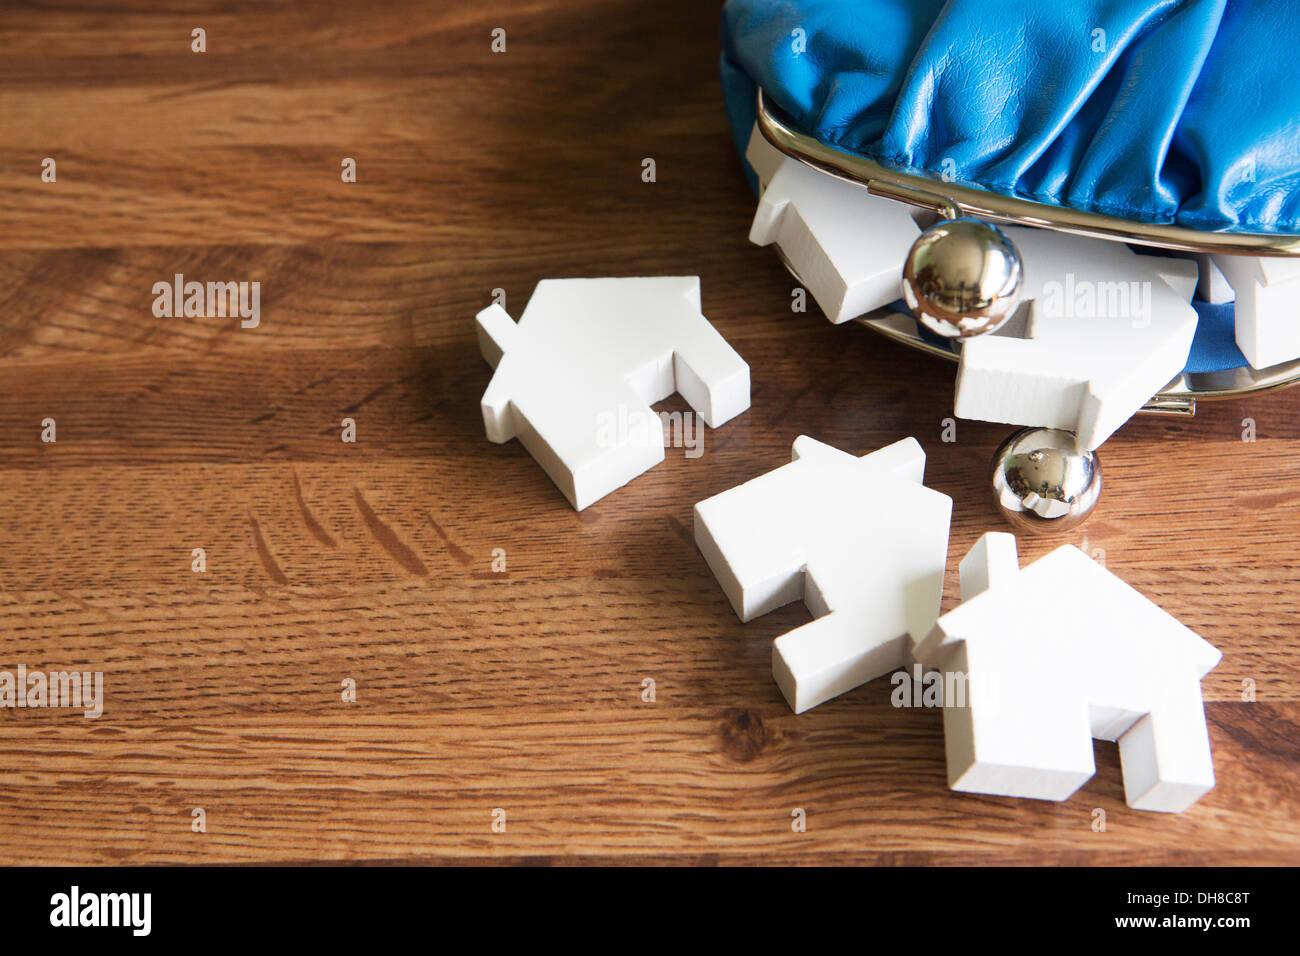 Bolso con modelos de casas sobre superficie de madera Imagen De Stock